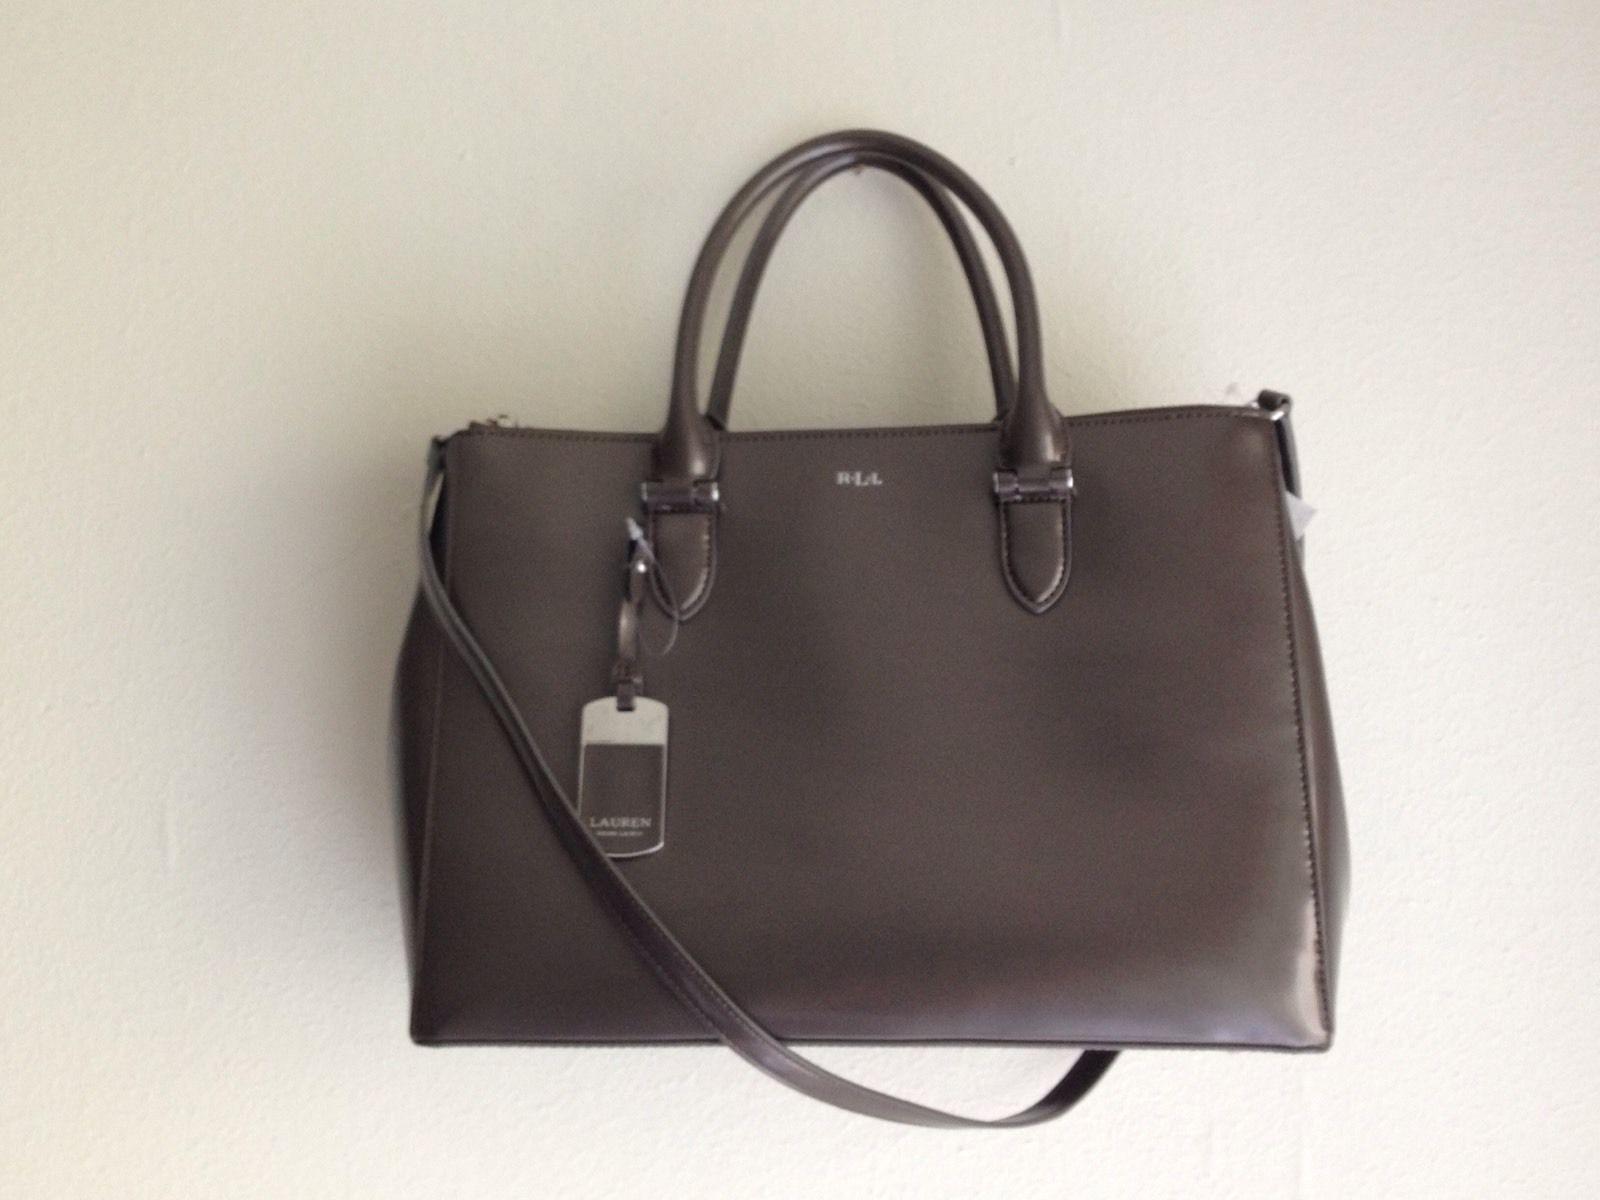 deaea8272a03 57. 57. Previous. NWOT  298 Ralph Lauren Handbag Newbury Double Zip Satchel  Leather - Dark Gray · NWOT  298 Ralph Lauren ...